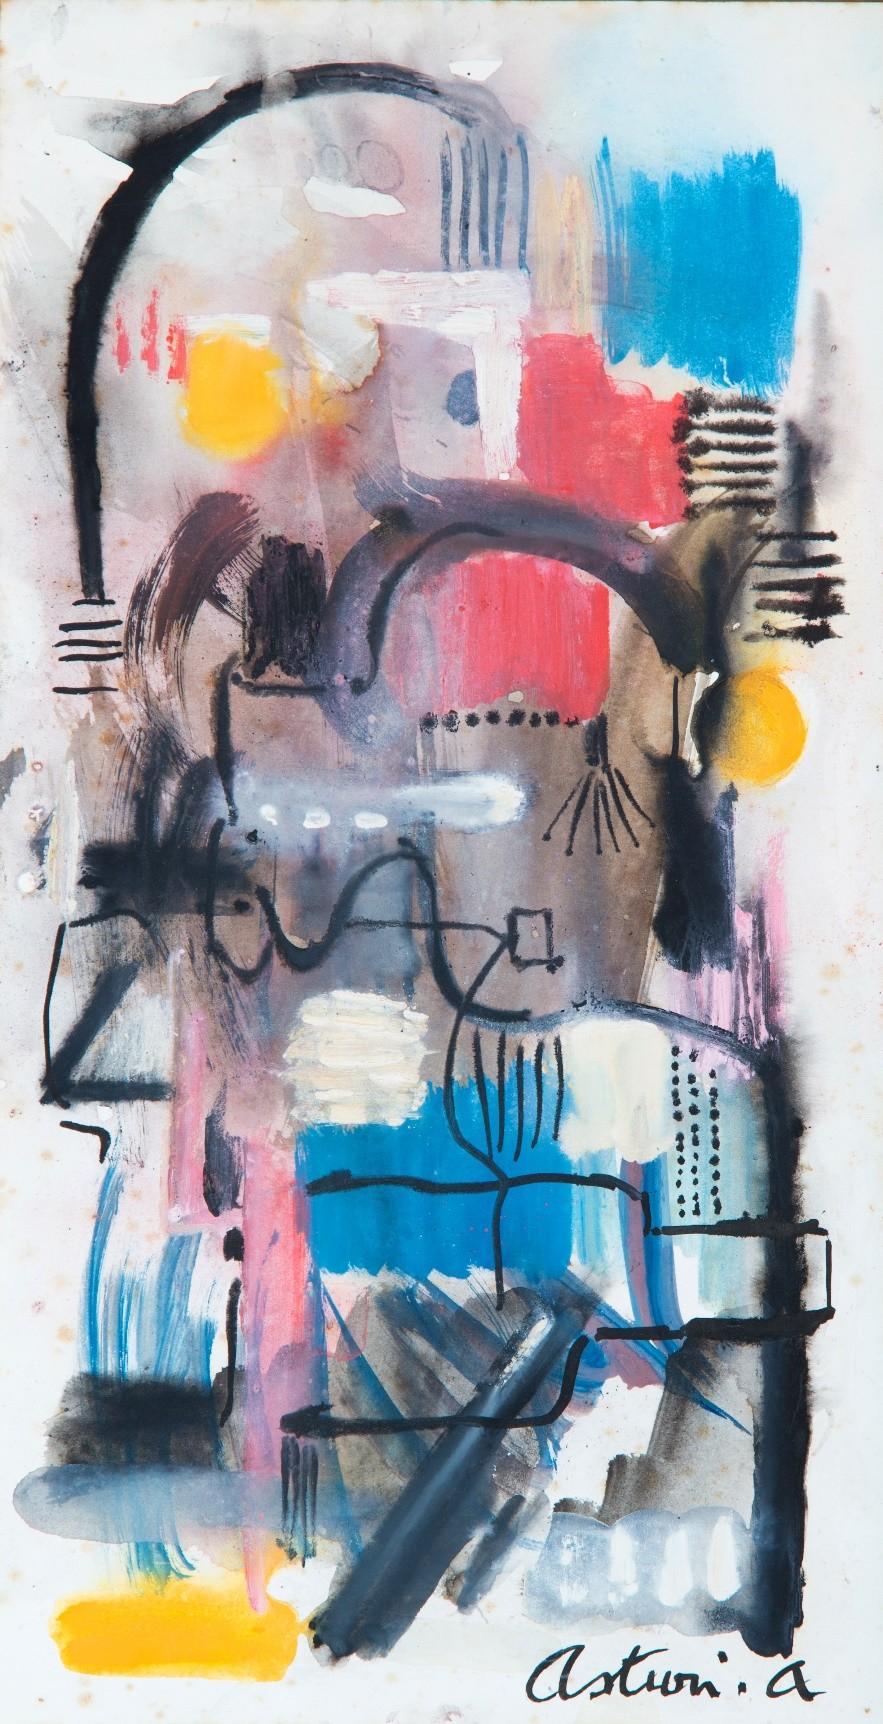 """Tra i vicoli, 1969 – 1970 Acquerello su carta, 33 x 20 cm. Firmato in basso a destra: """"Asturi A."""" Donazione Gregorio Asturi"""